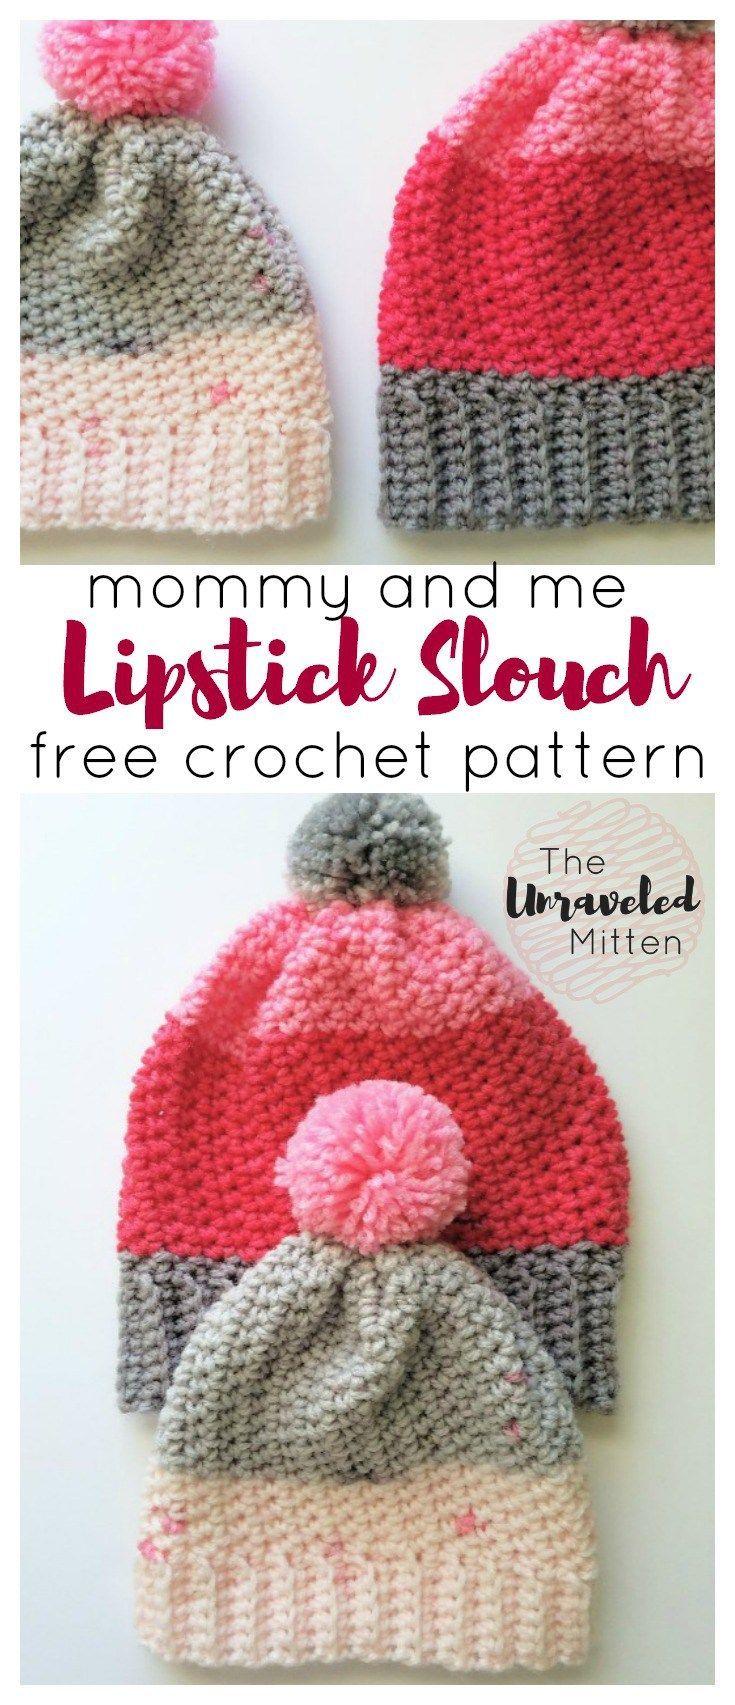 Lipstick slouchy hat free crochet pattern free easy crochet lipstick slouchy hat free crochet pattern bankloansurffo Gallery